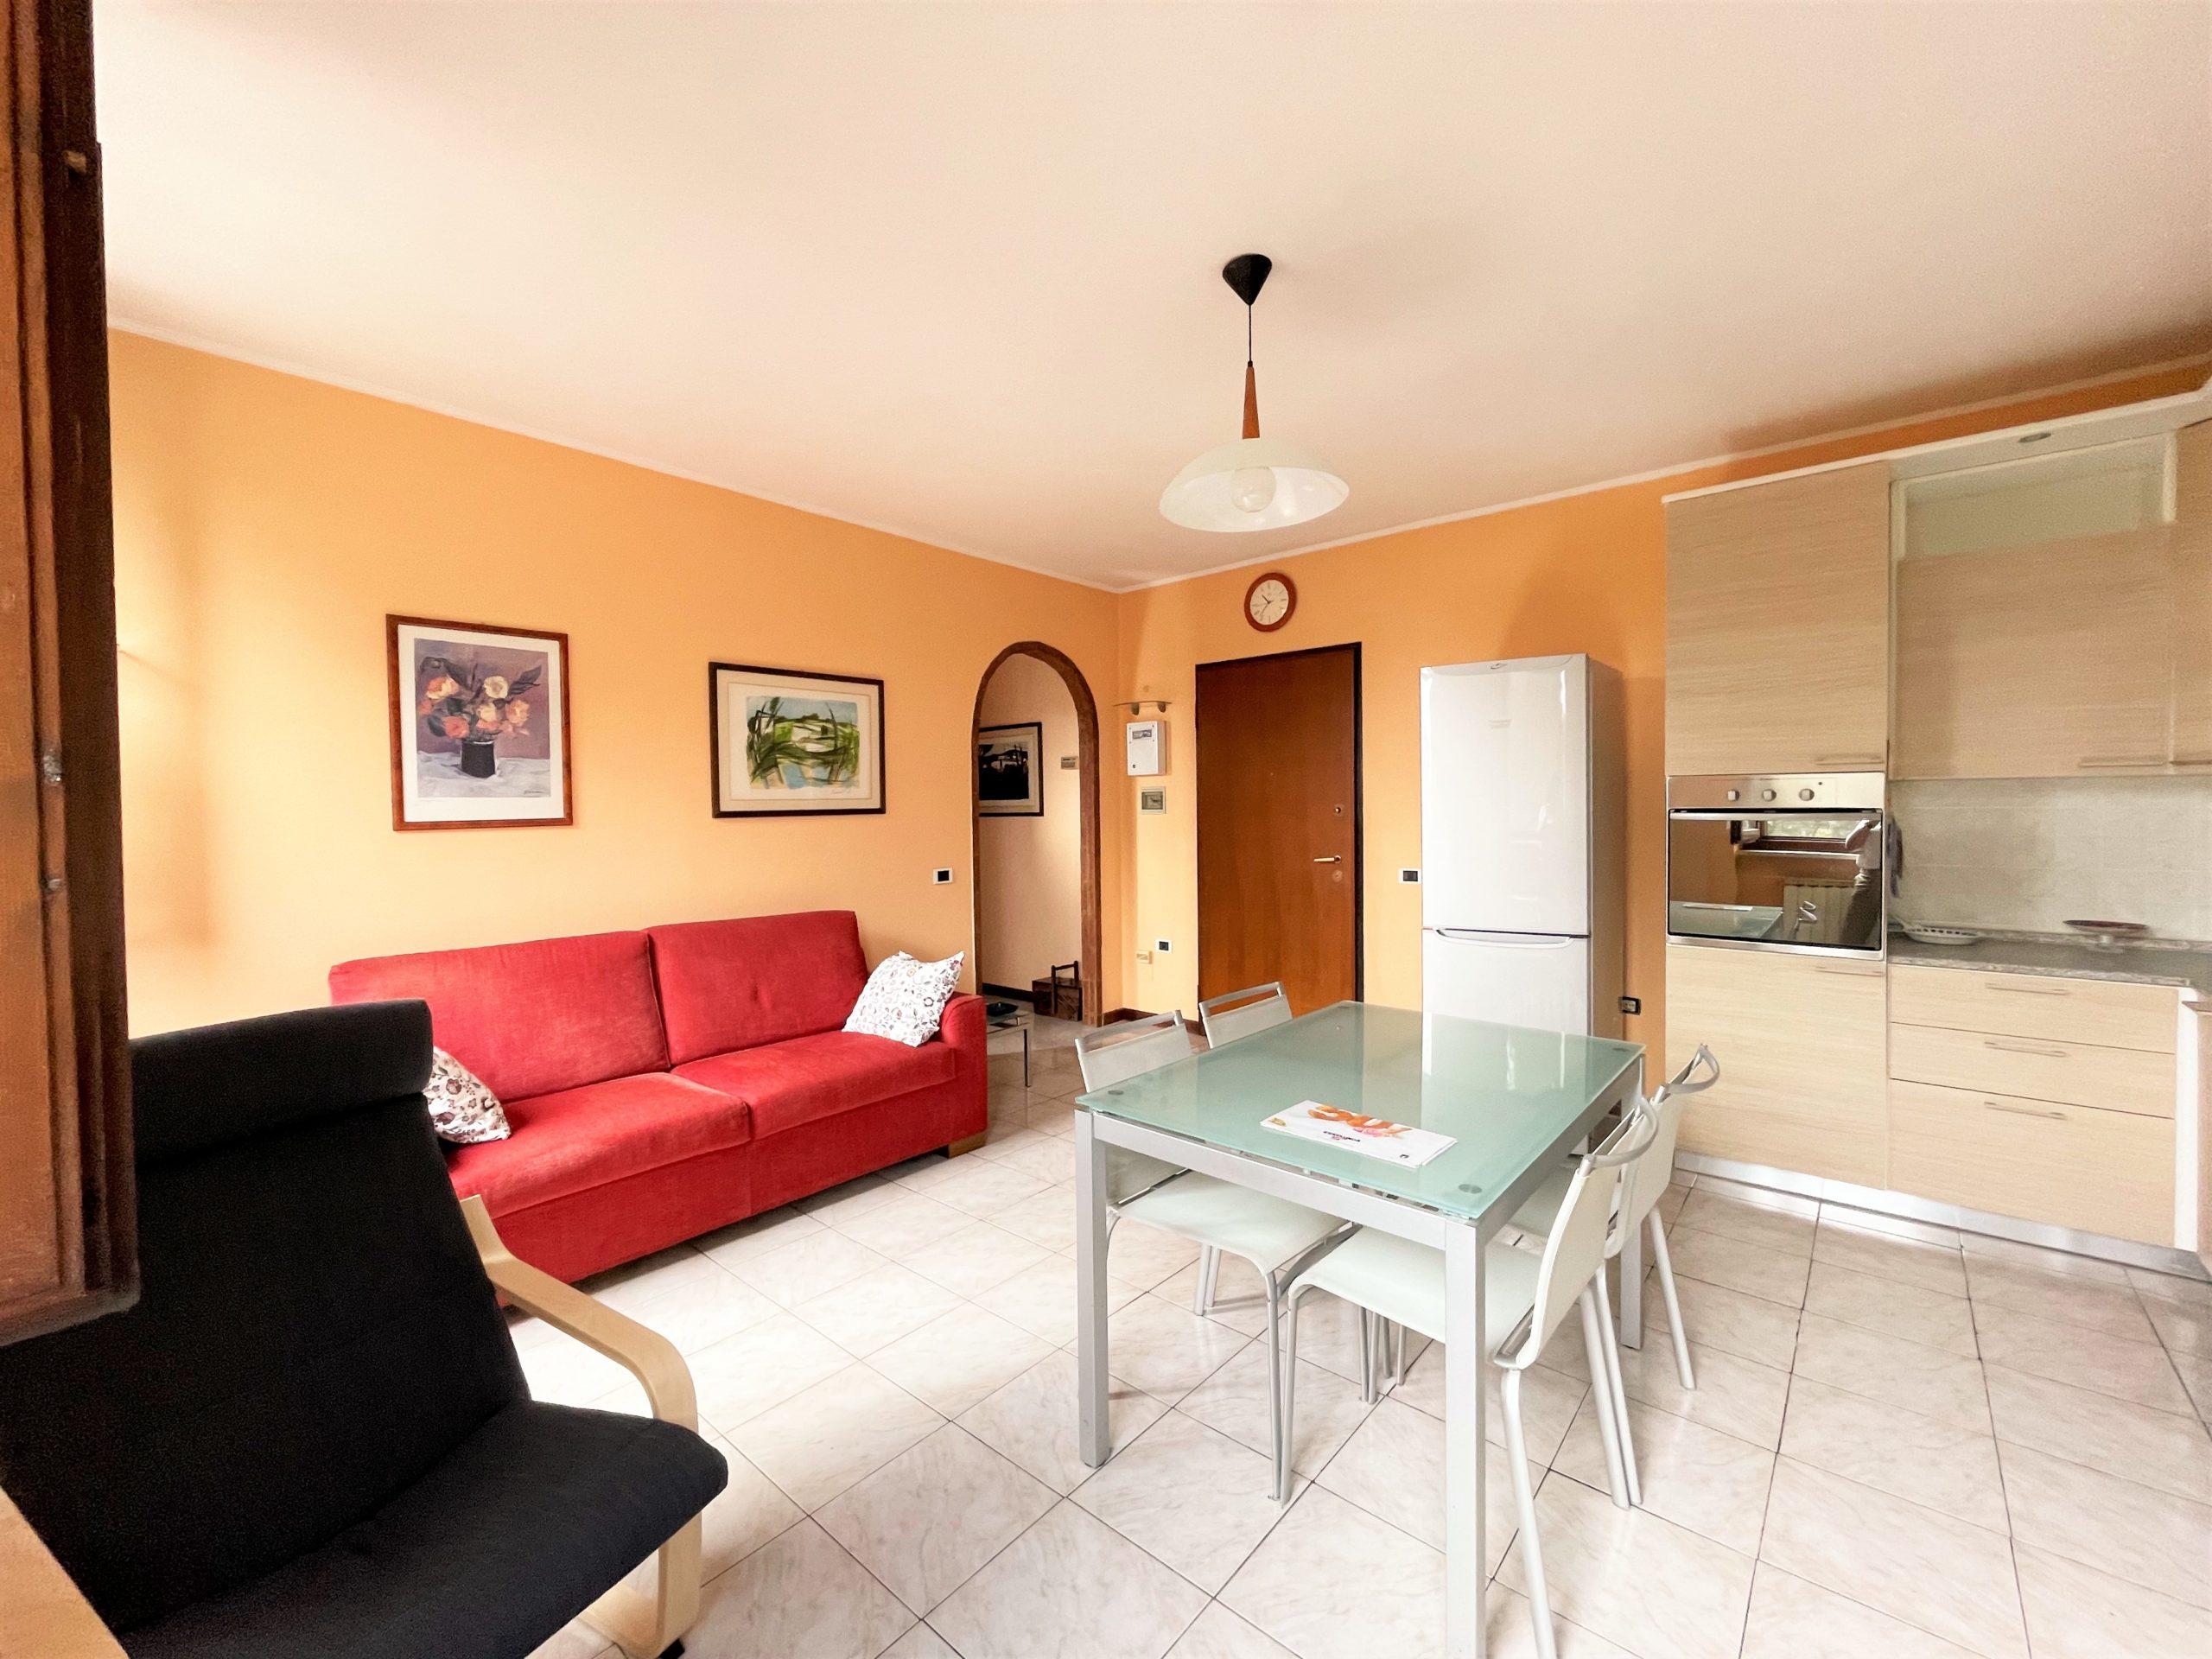 Casorate primo (PV) – Appartamento bilocale in Via Mira